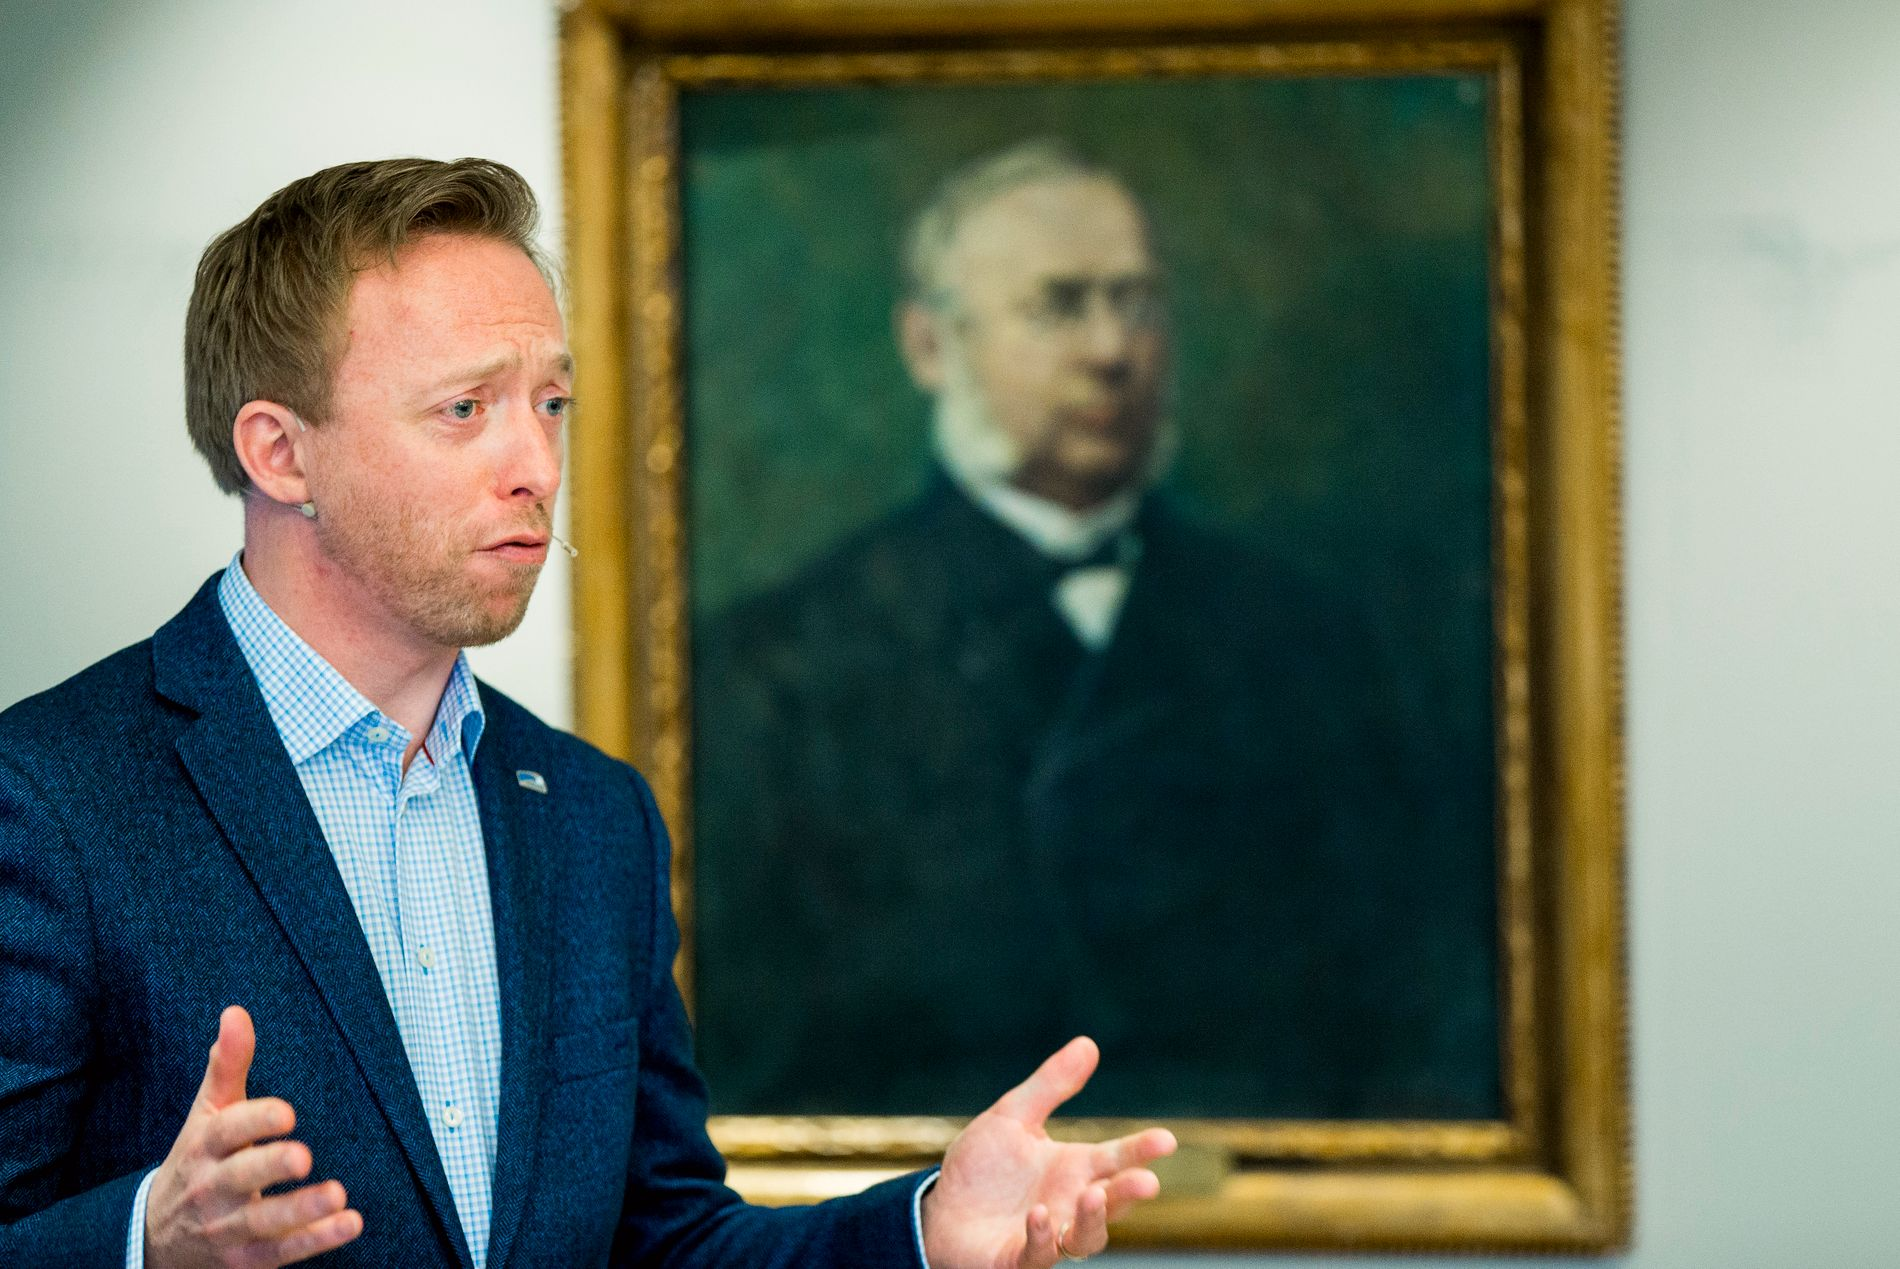 FLERE VARSLINGER: Generalsekretær John-Ragnar Aarset og Høyre har mottatt flere varslinger siden fredag.